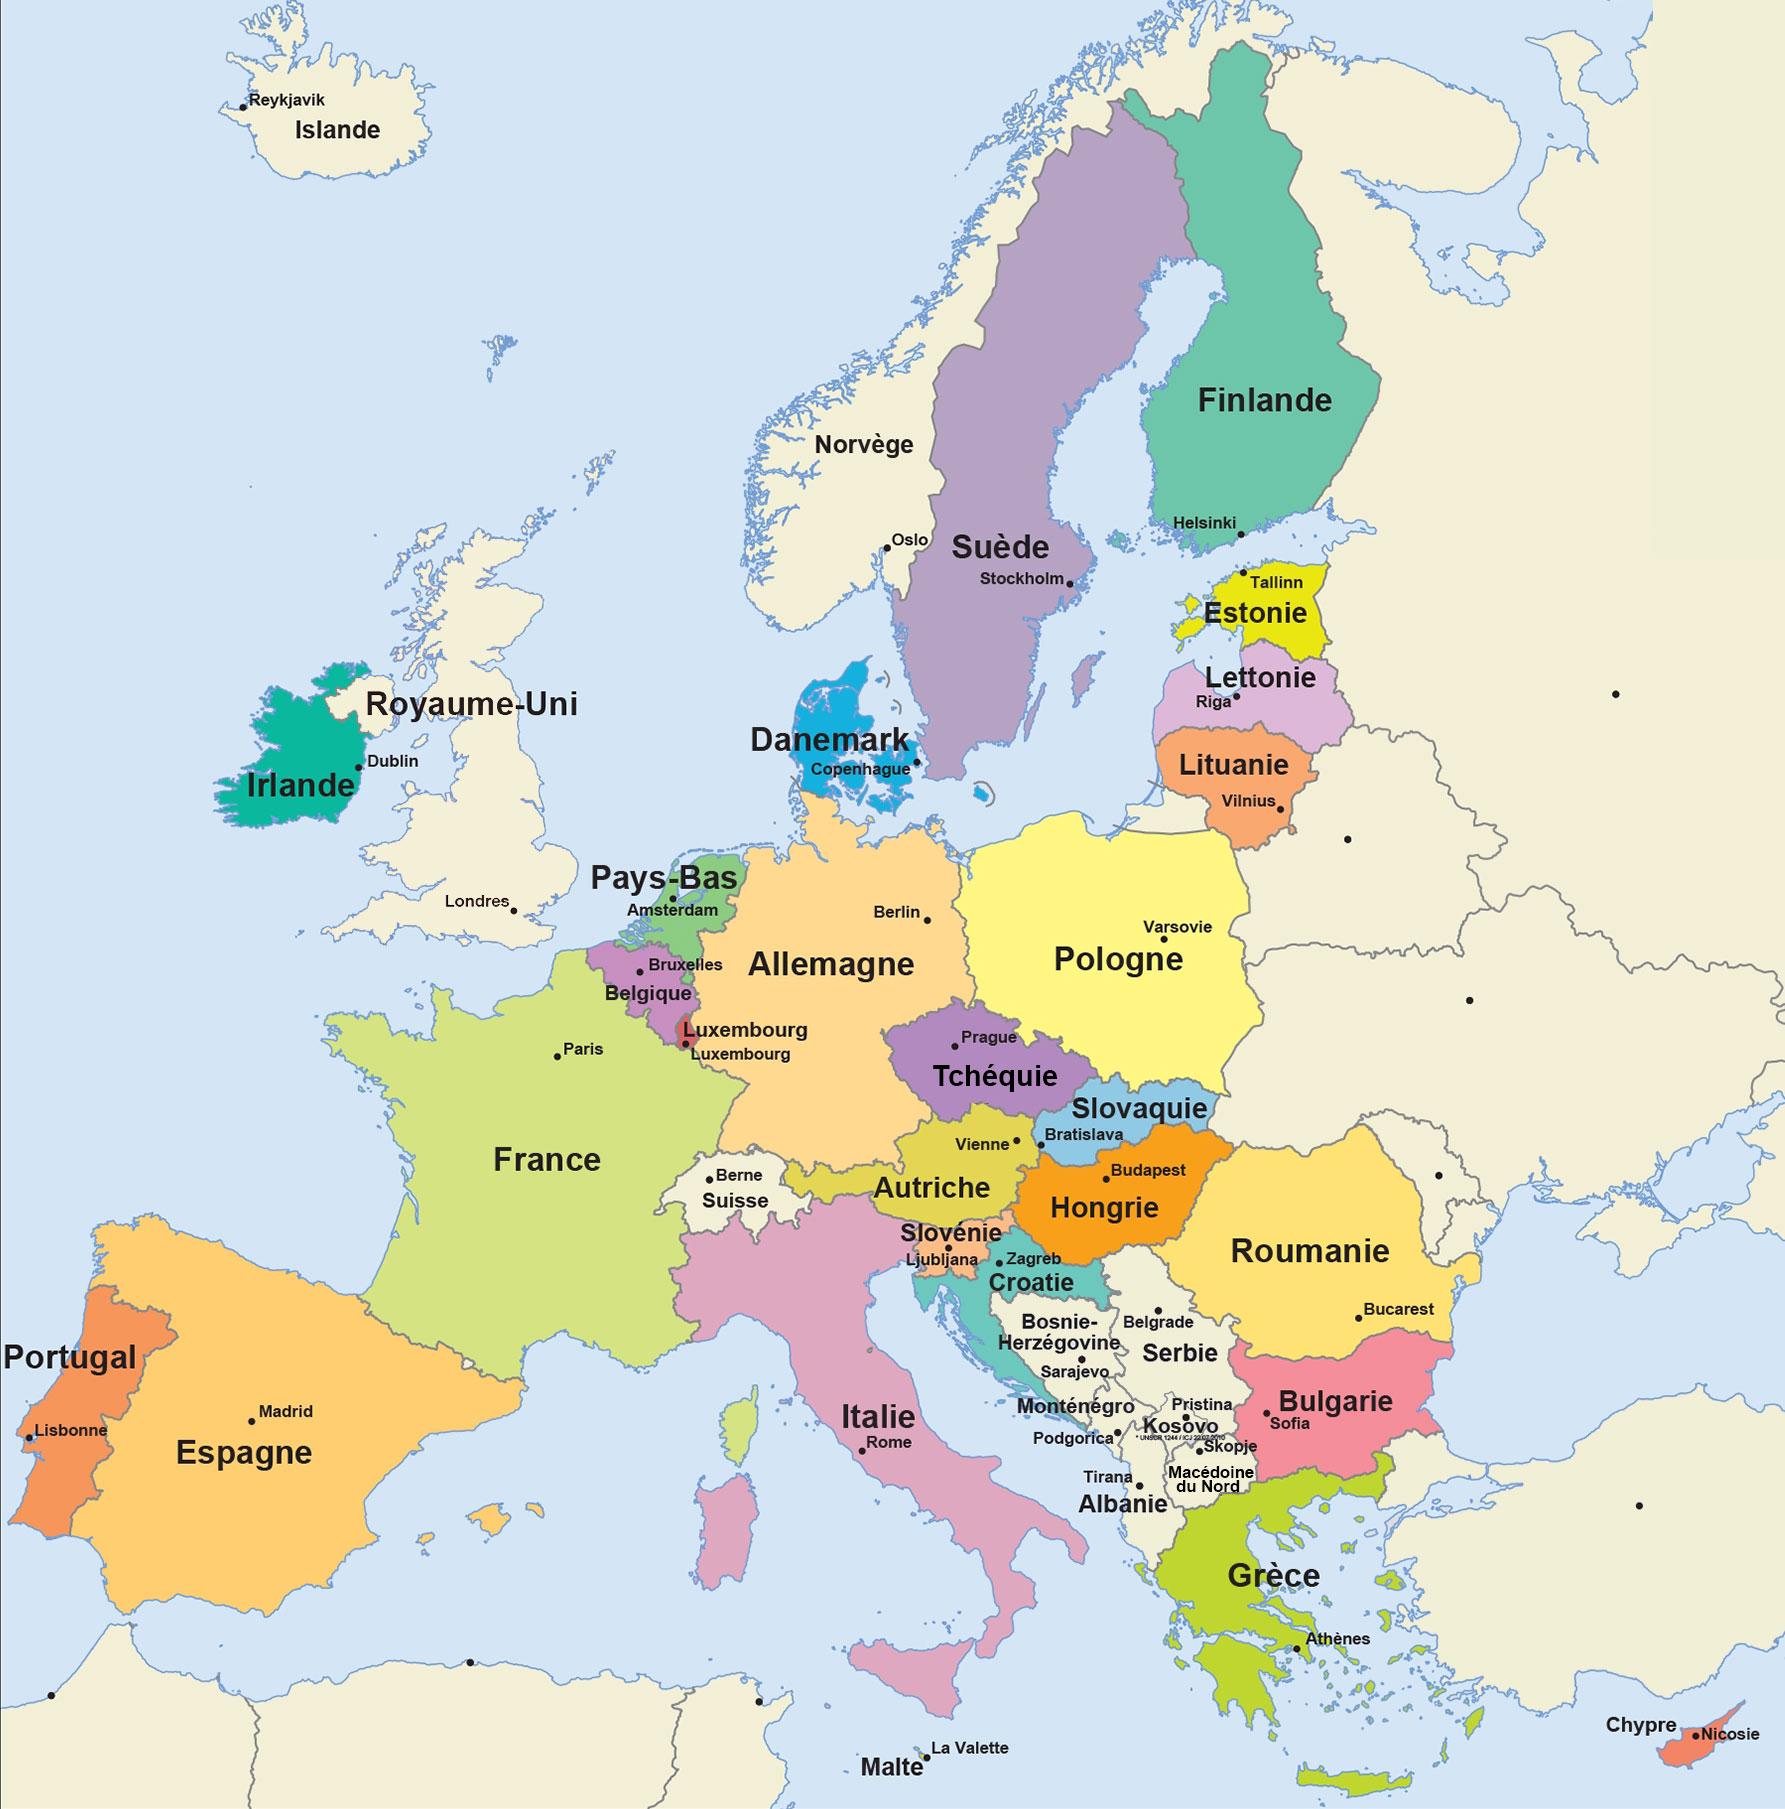 Facile À Lire - L'union Européenne | Union Européenne destiné Liste Des Pays De L Union Européenne Et Leurs Capitales